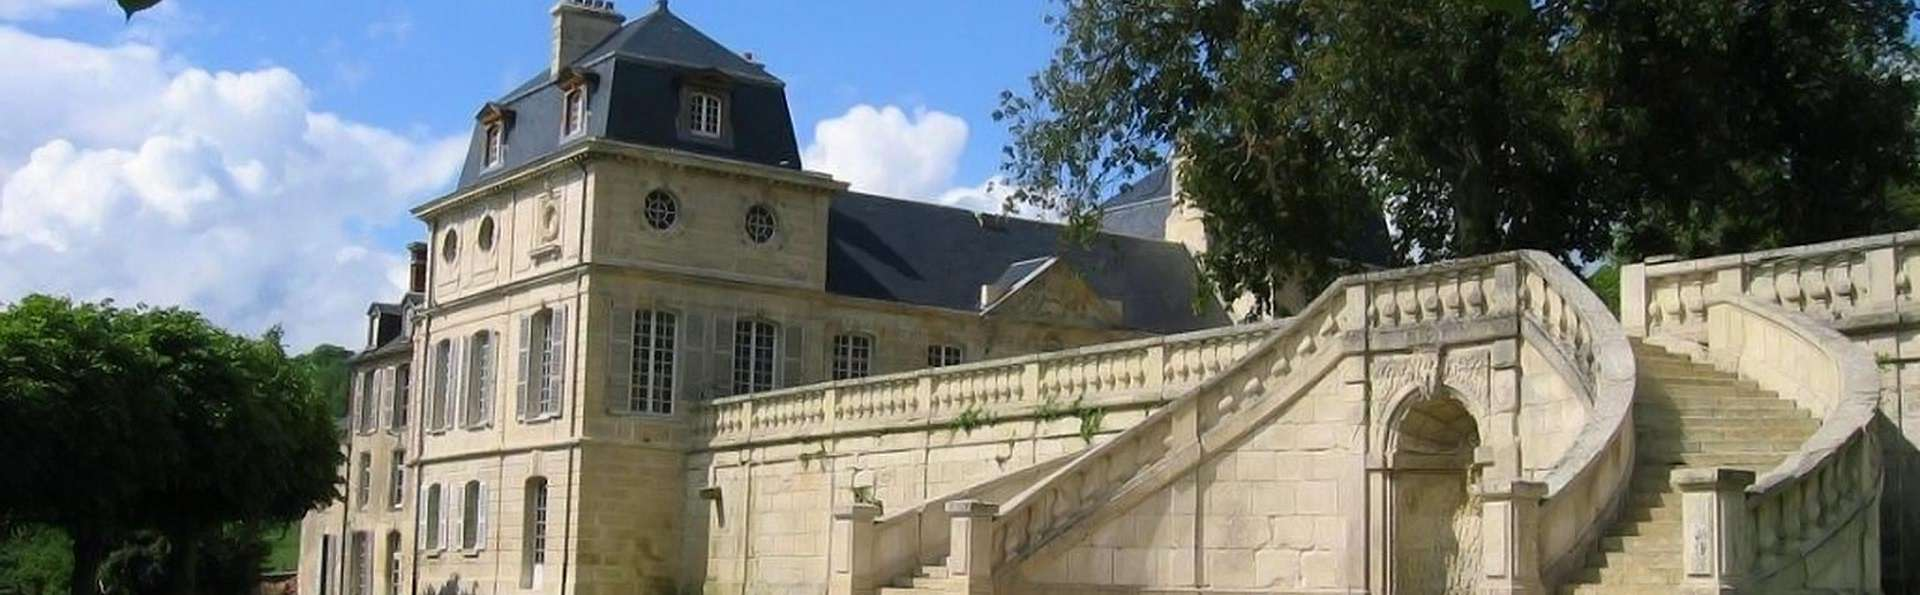 Demeure de Campagne Château de Maffliers - edit_castel.jpg